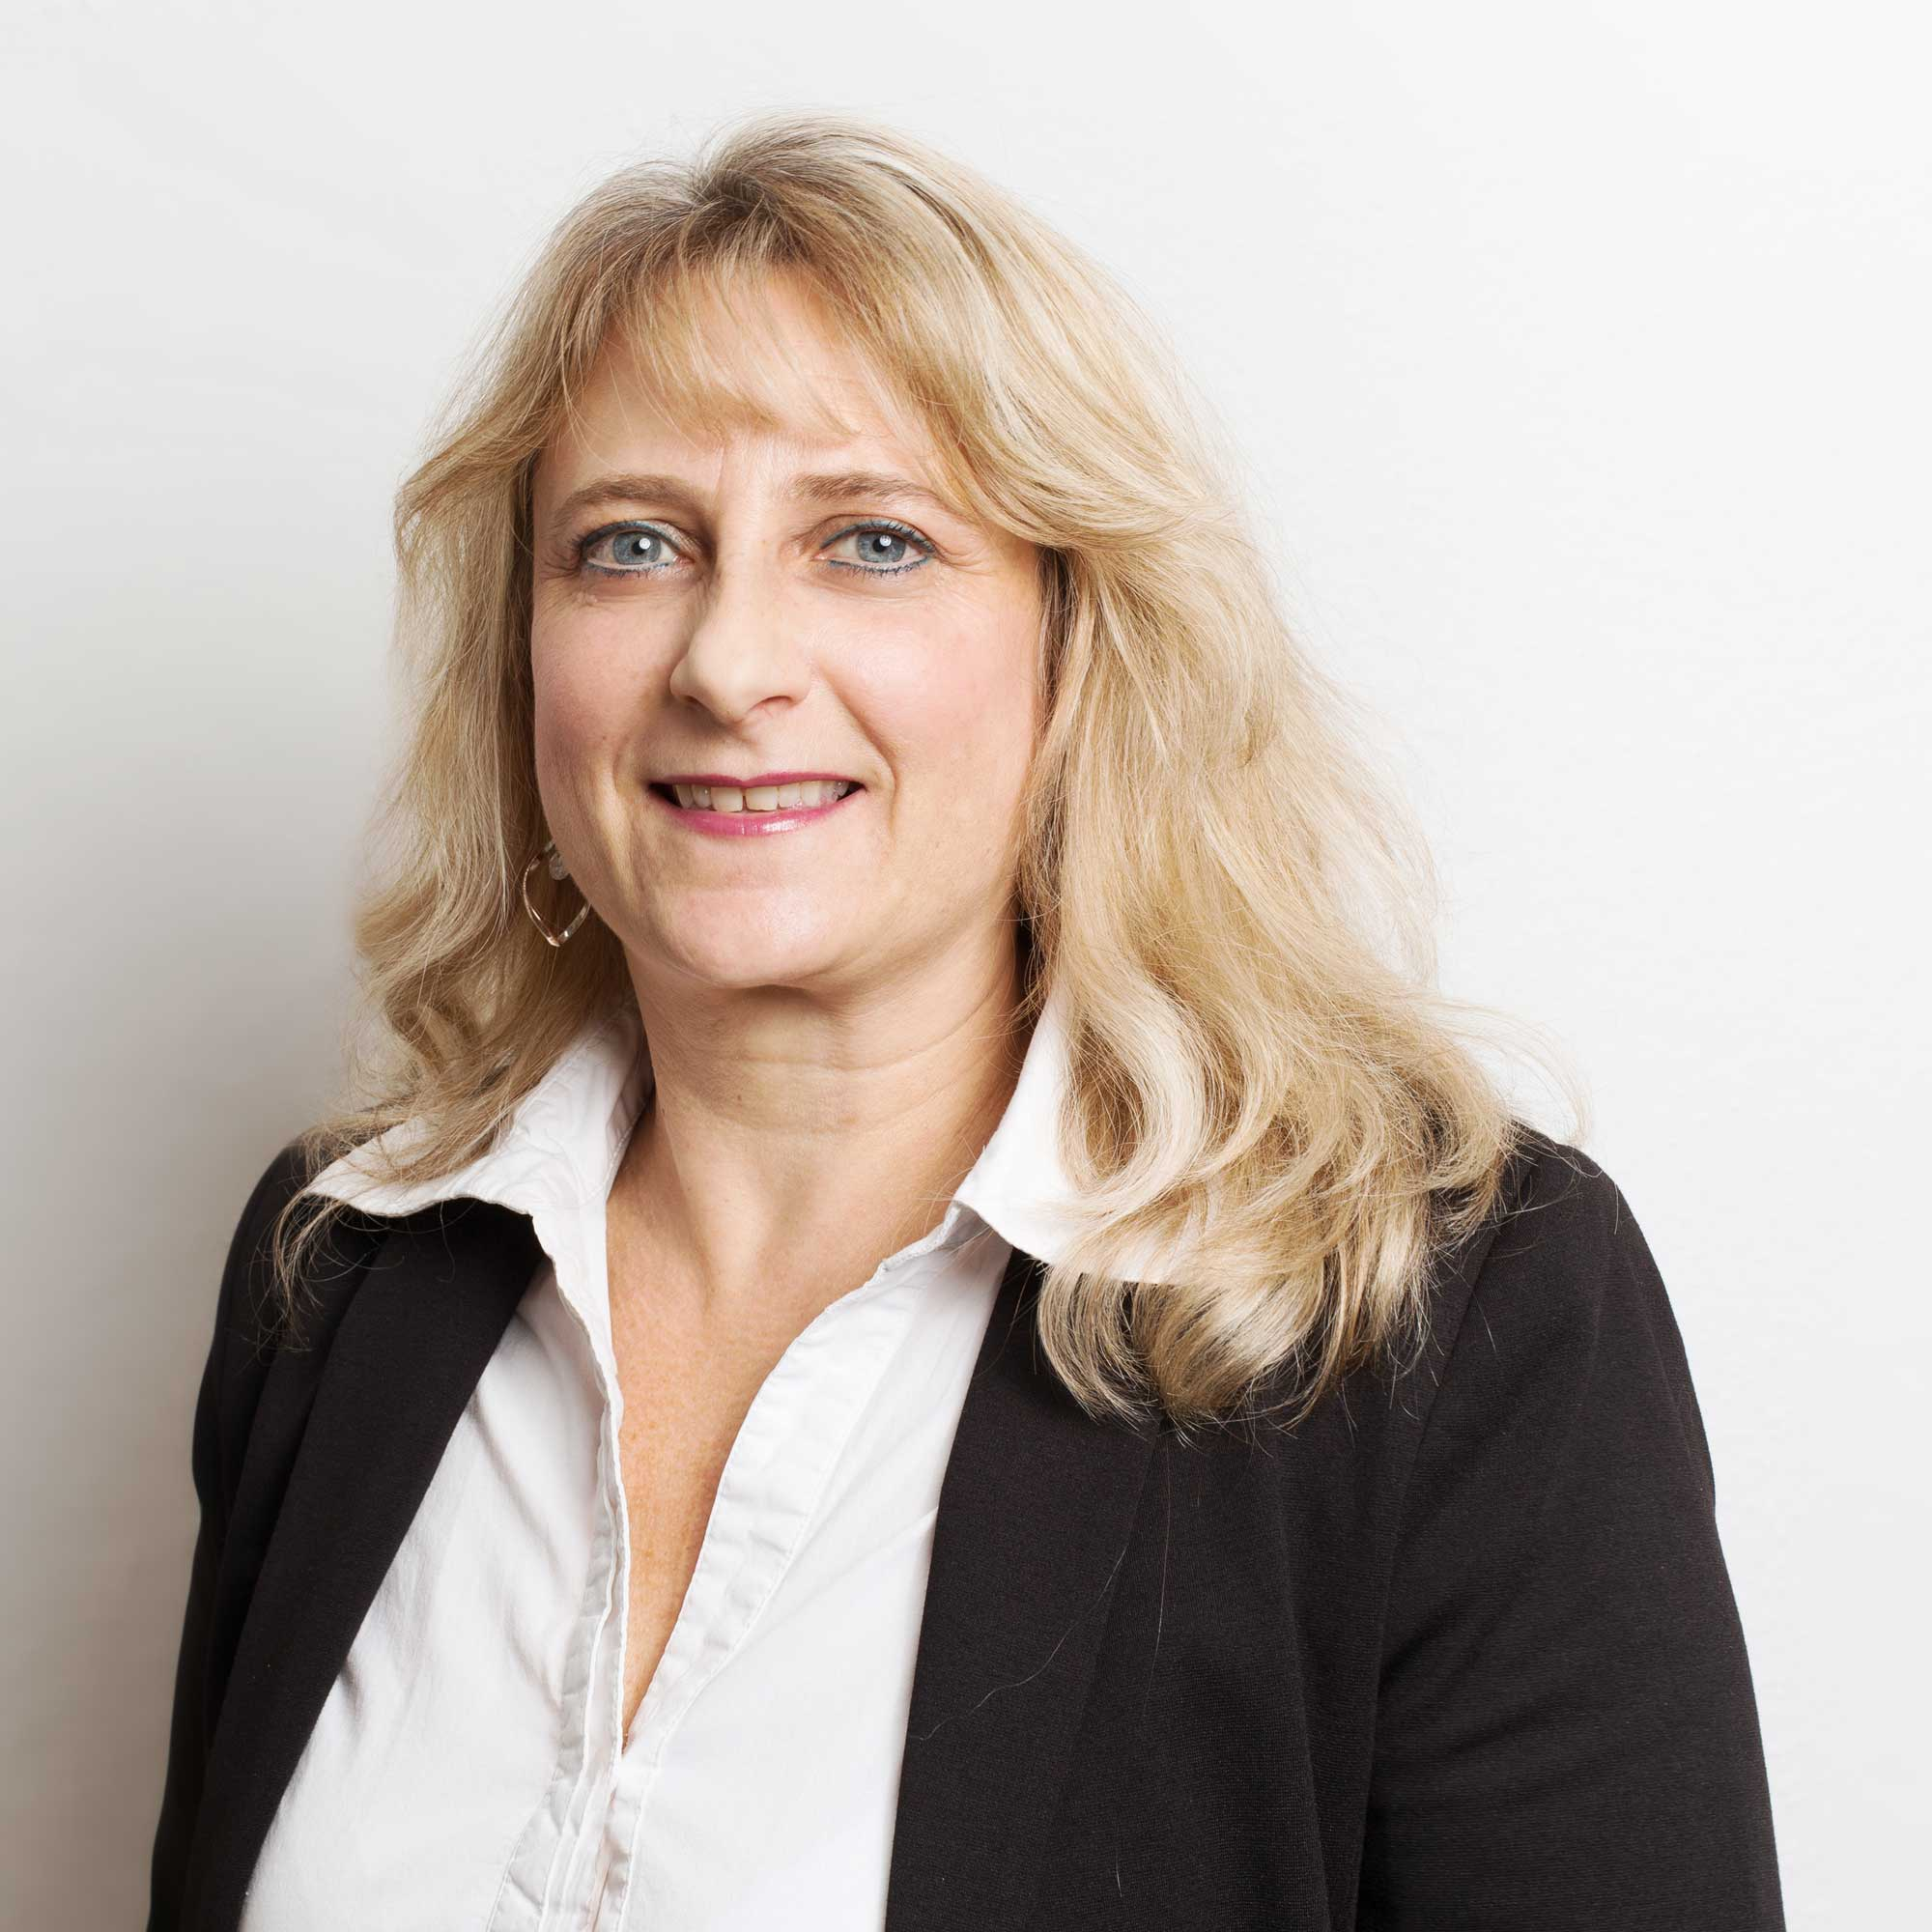 Sekretärin Claudia Göpfert